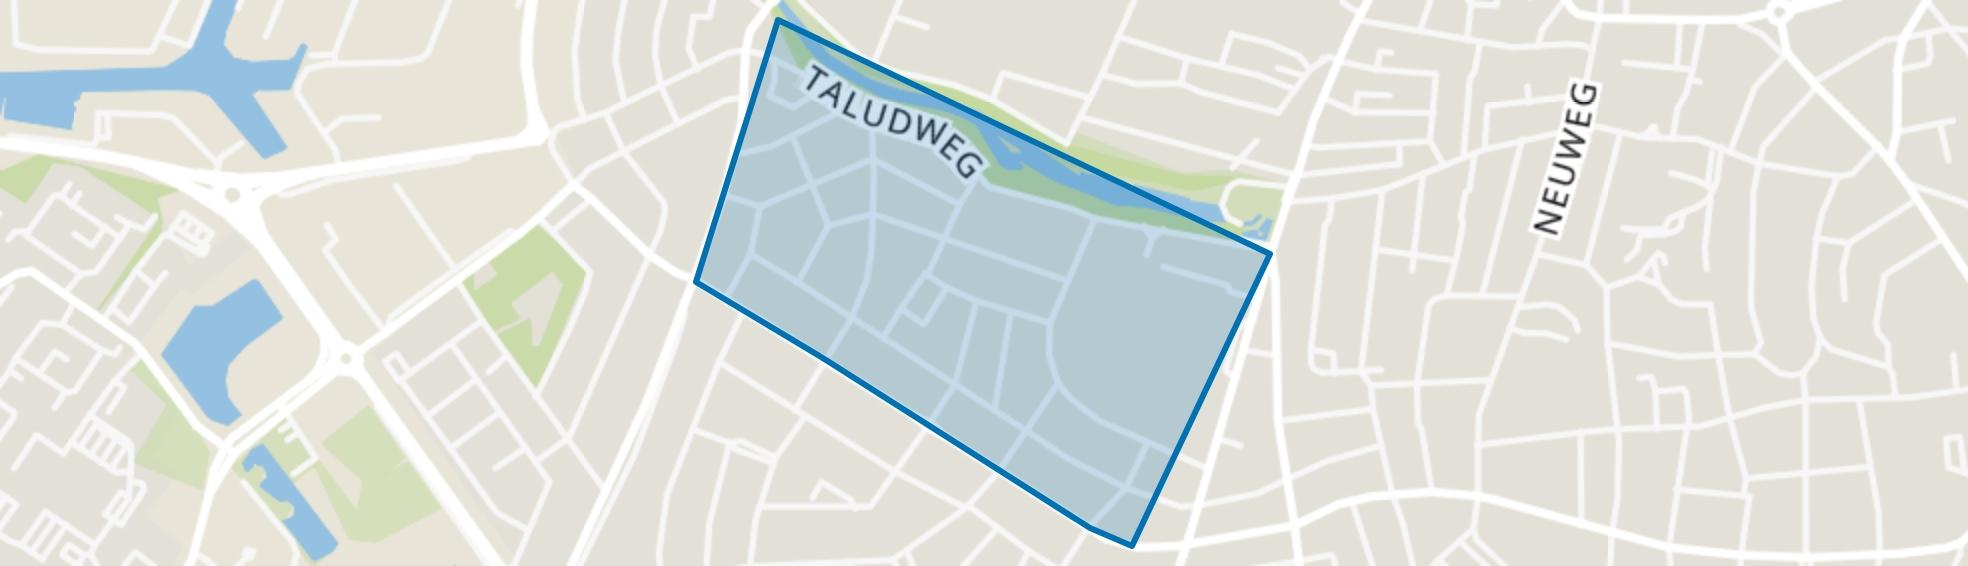 Schrijverskwartier, Hilversum map